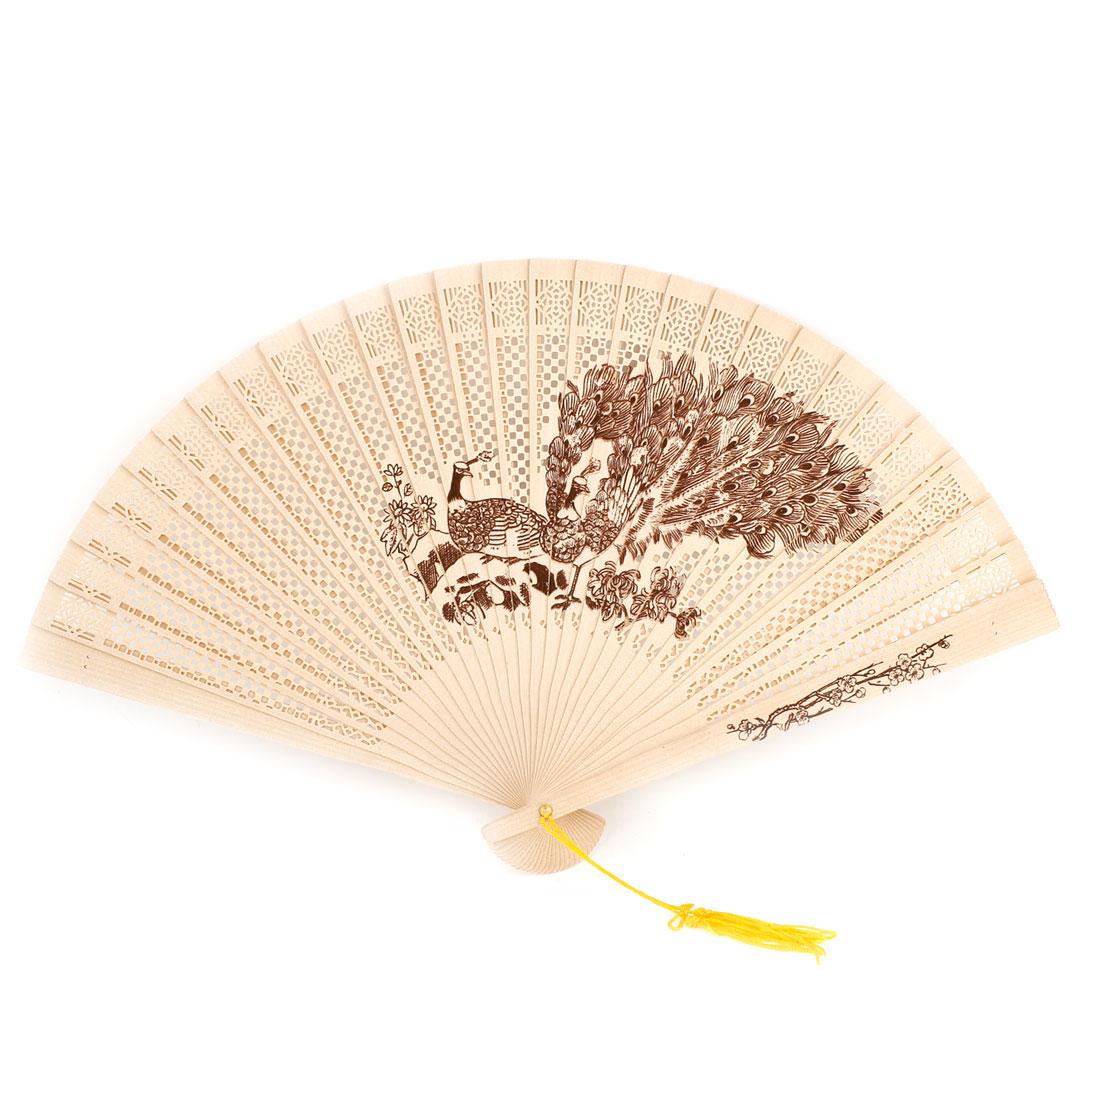 Peacocks Wooden Folding Carved Fragrant Fan w Yellow Tassel